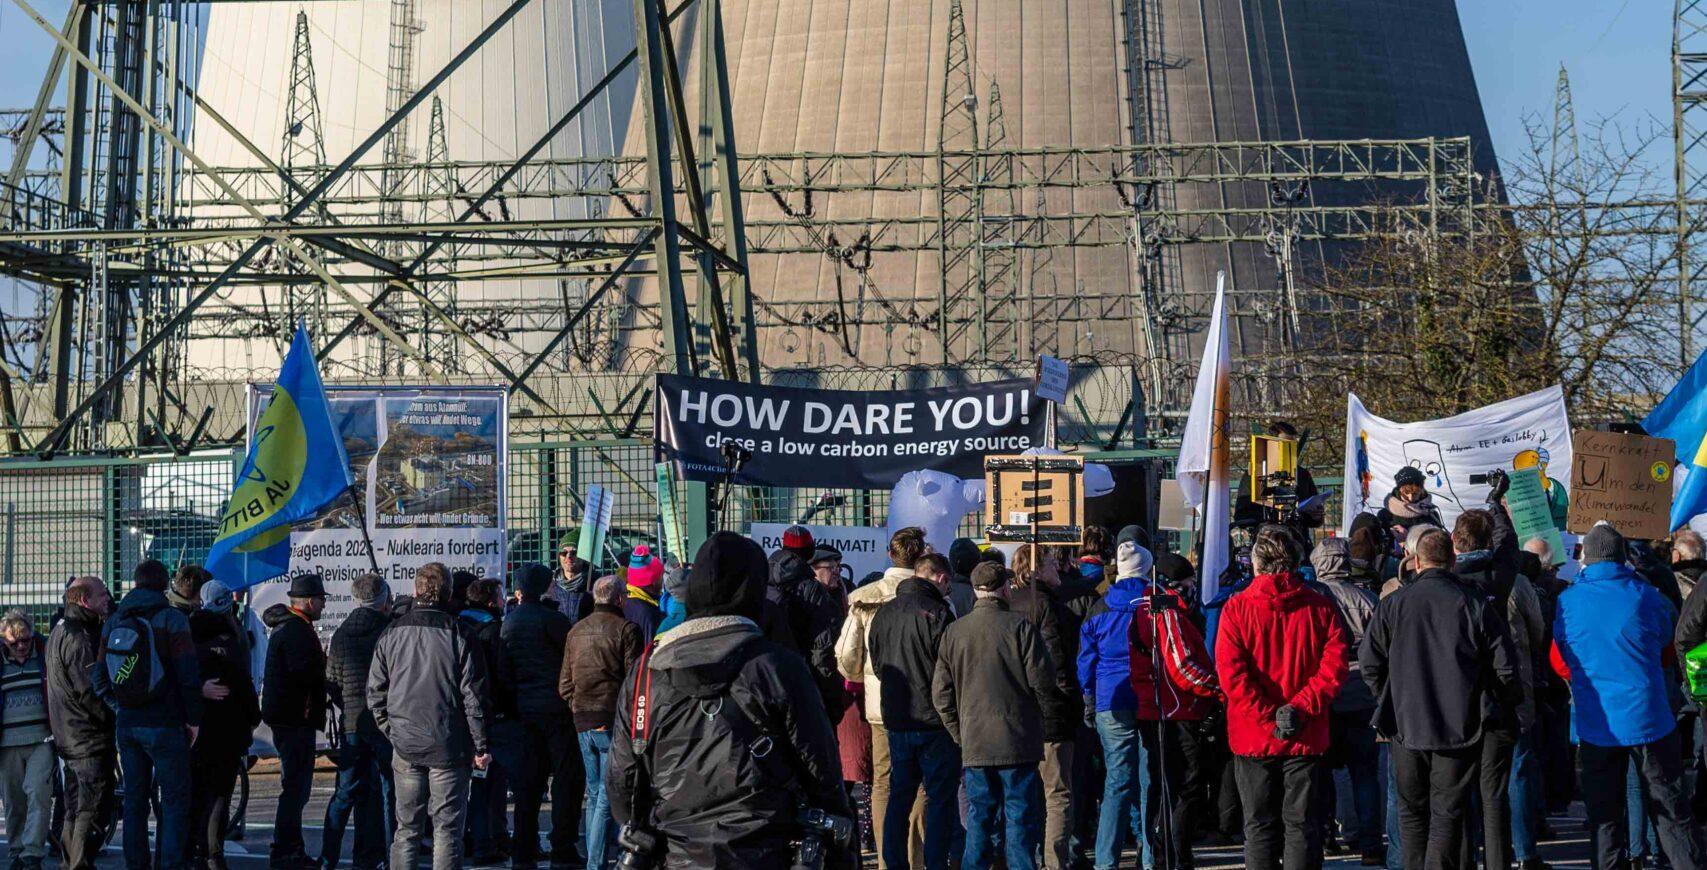 Klimatyczny protest przeciwko zamykaniu elektrowni jądrowych